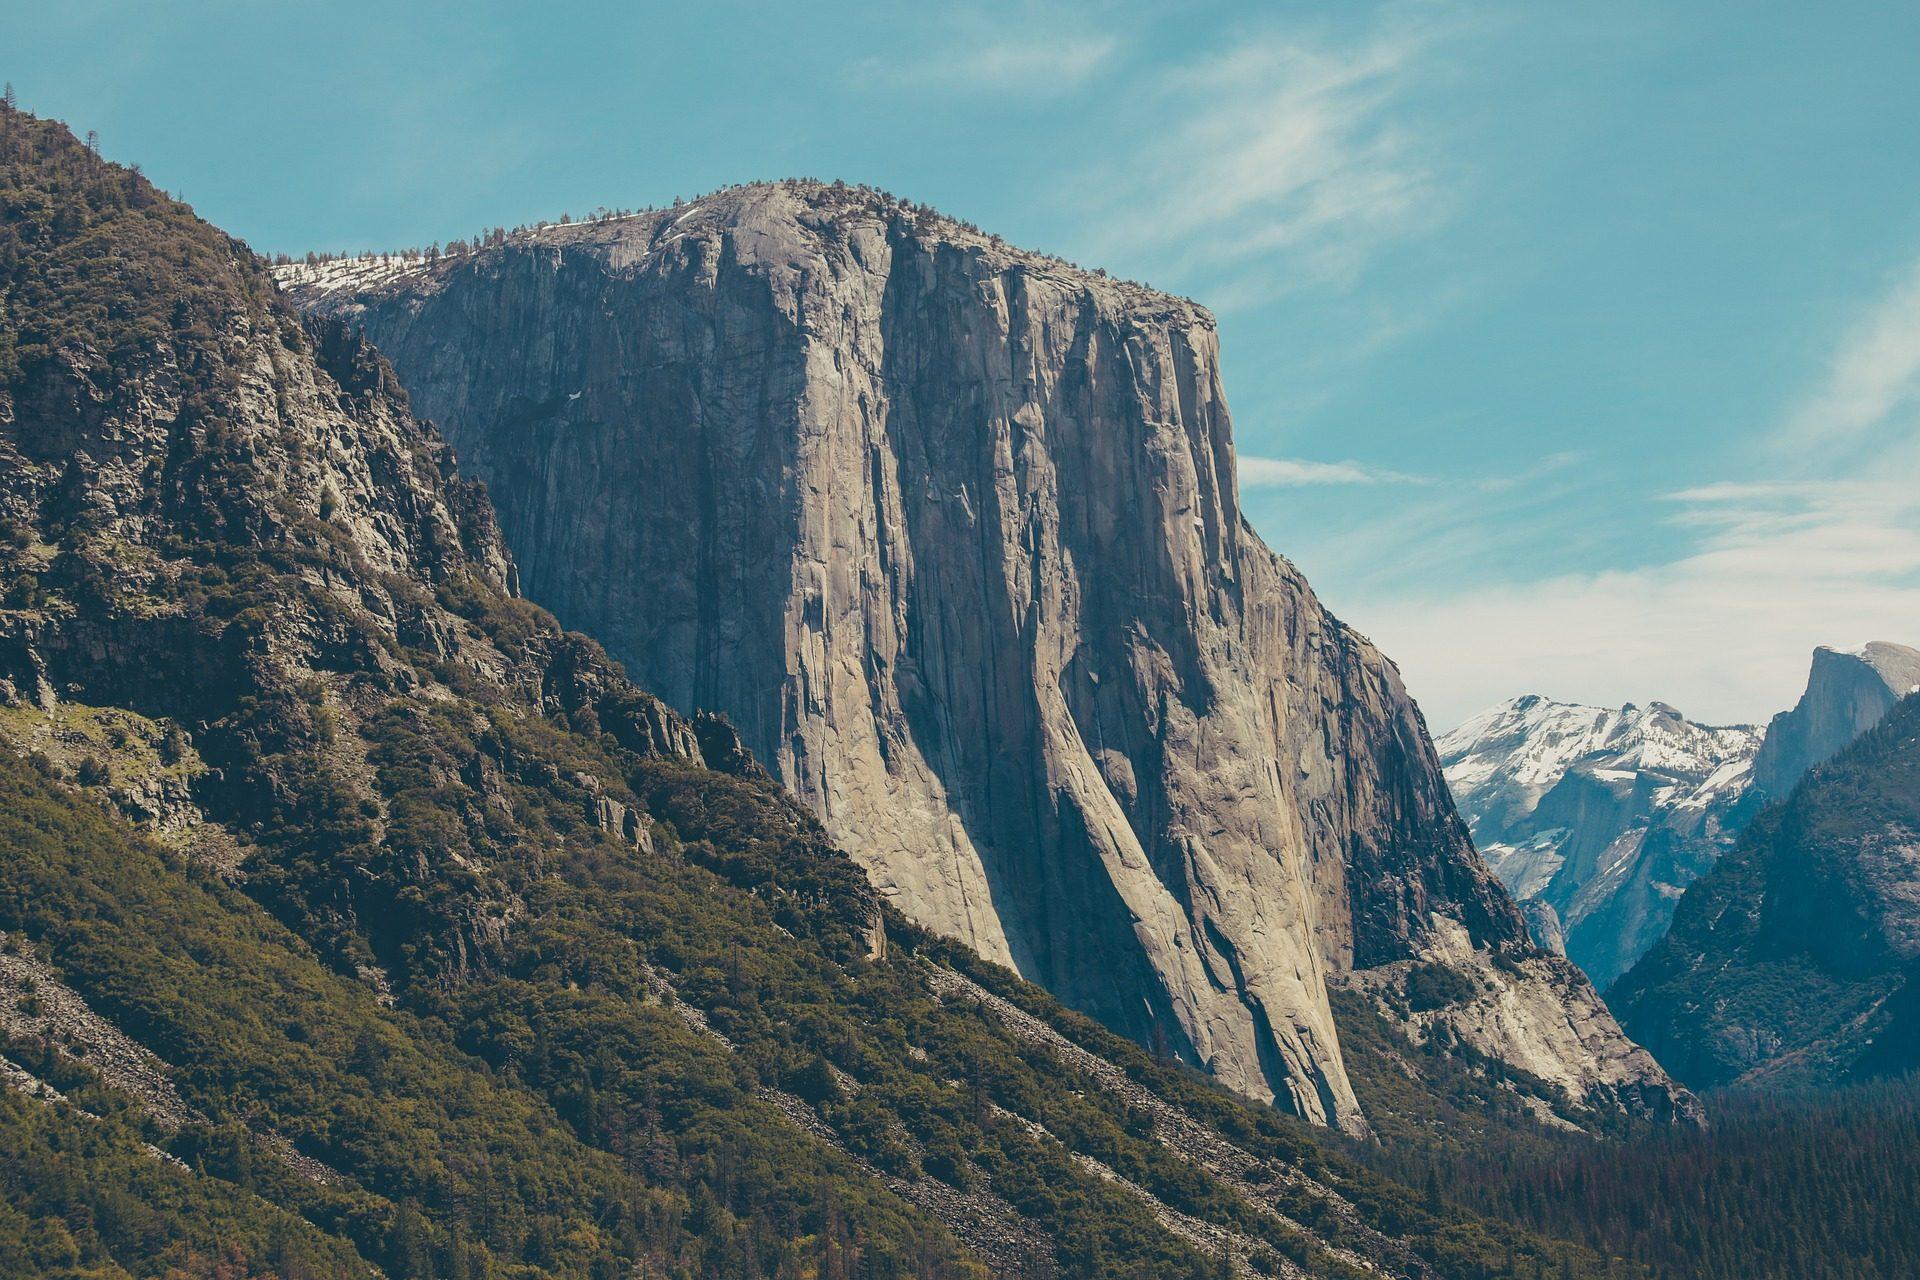 Montañas, Forest, arbres, hauteurs, neige, flanc de coteau - Fonds d'écran HD - Professor-falken.com